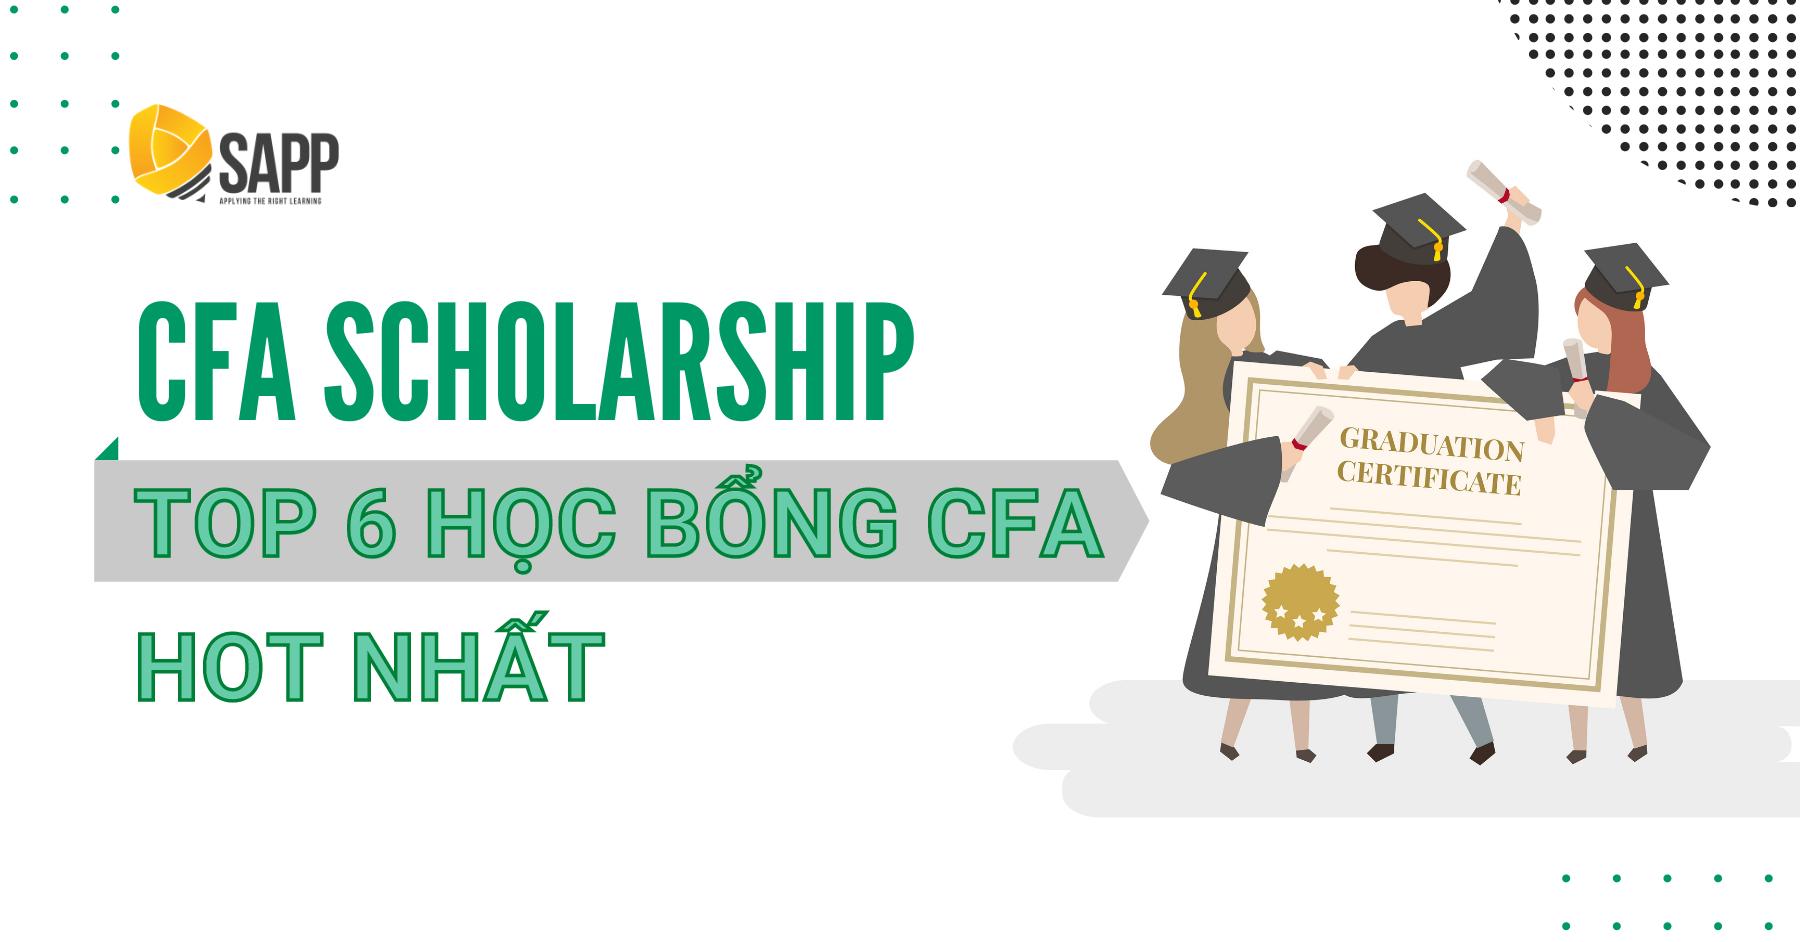 Xin Học Bổng CFA Không Hề Khó - Top 6 Học Bổng CFA Hot Nhất